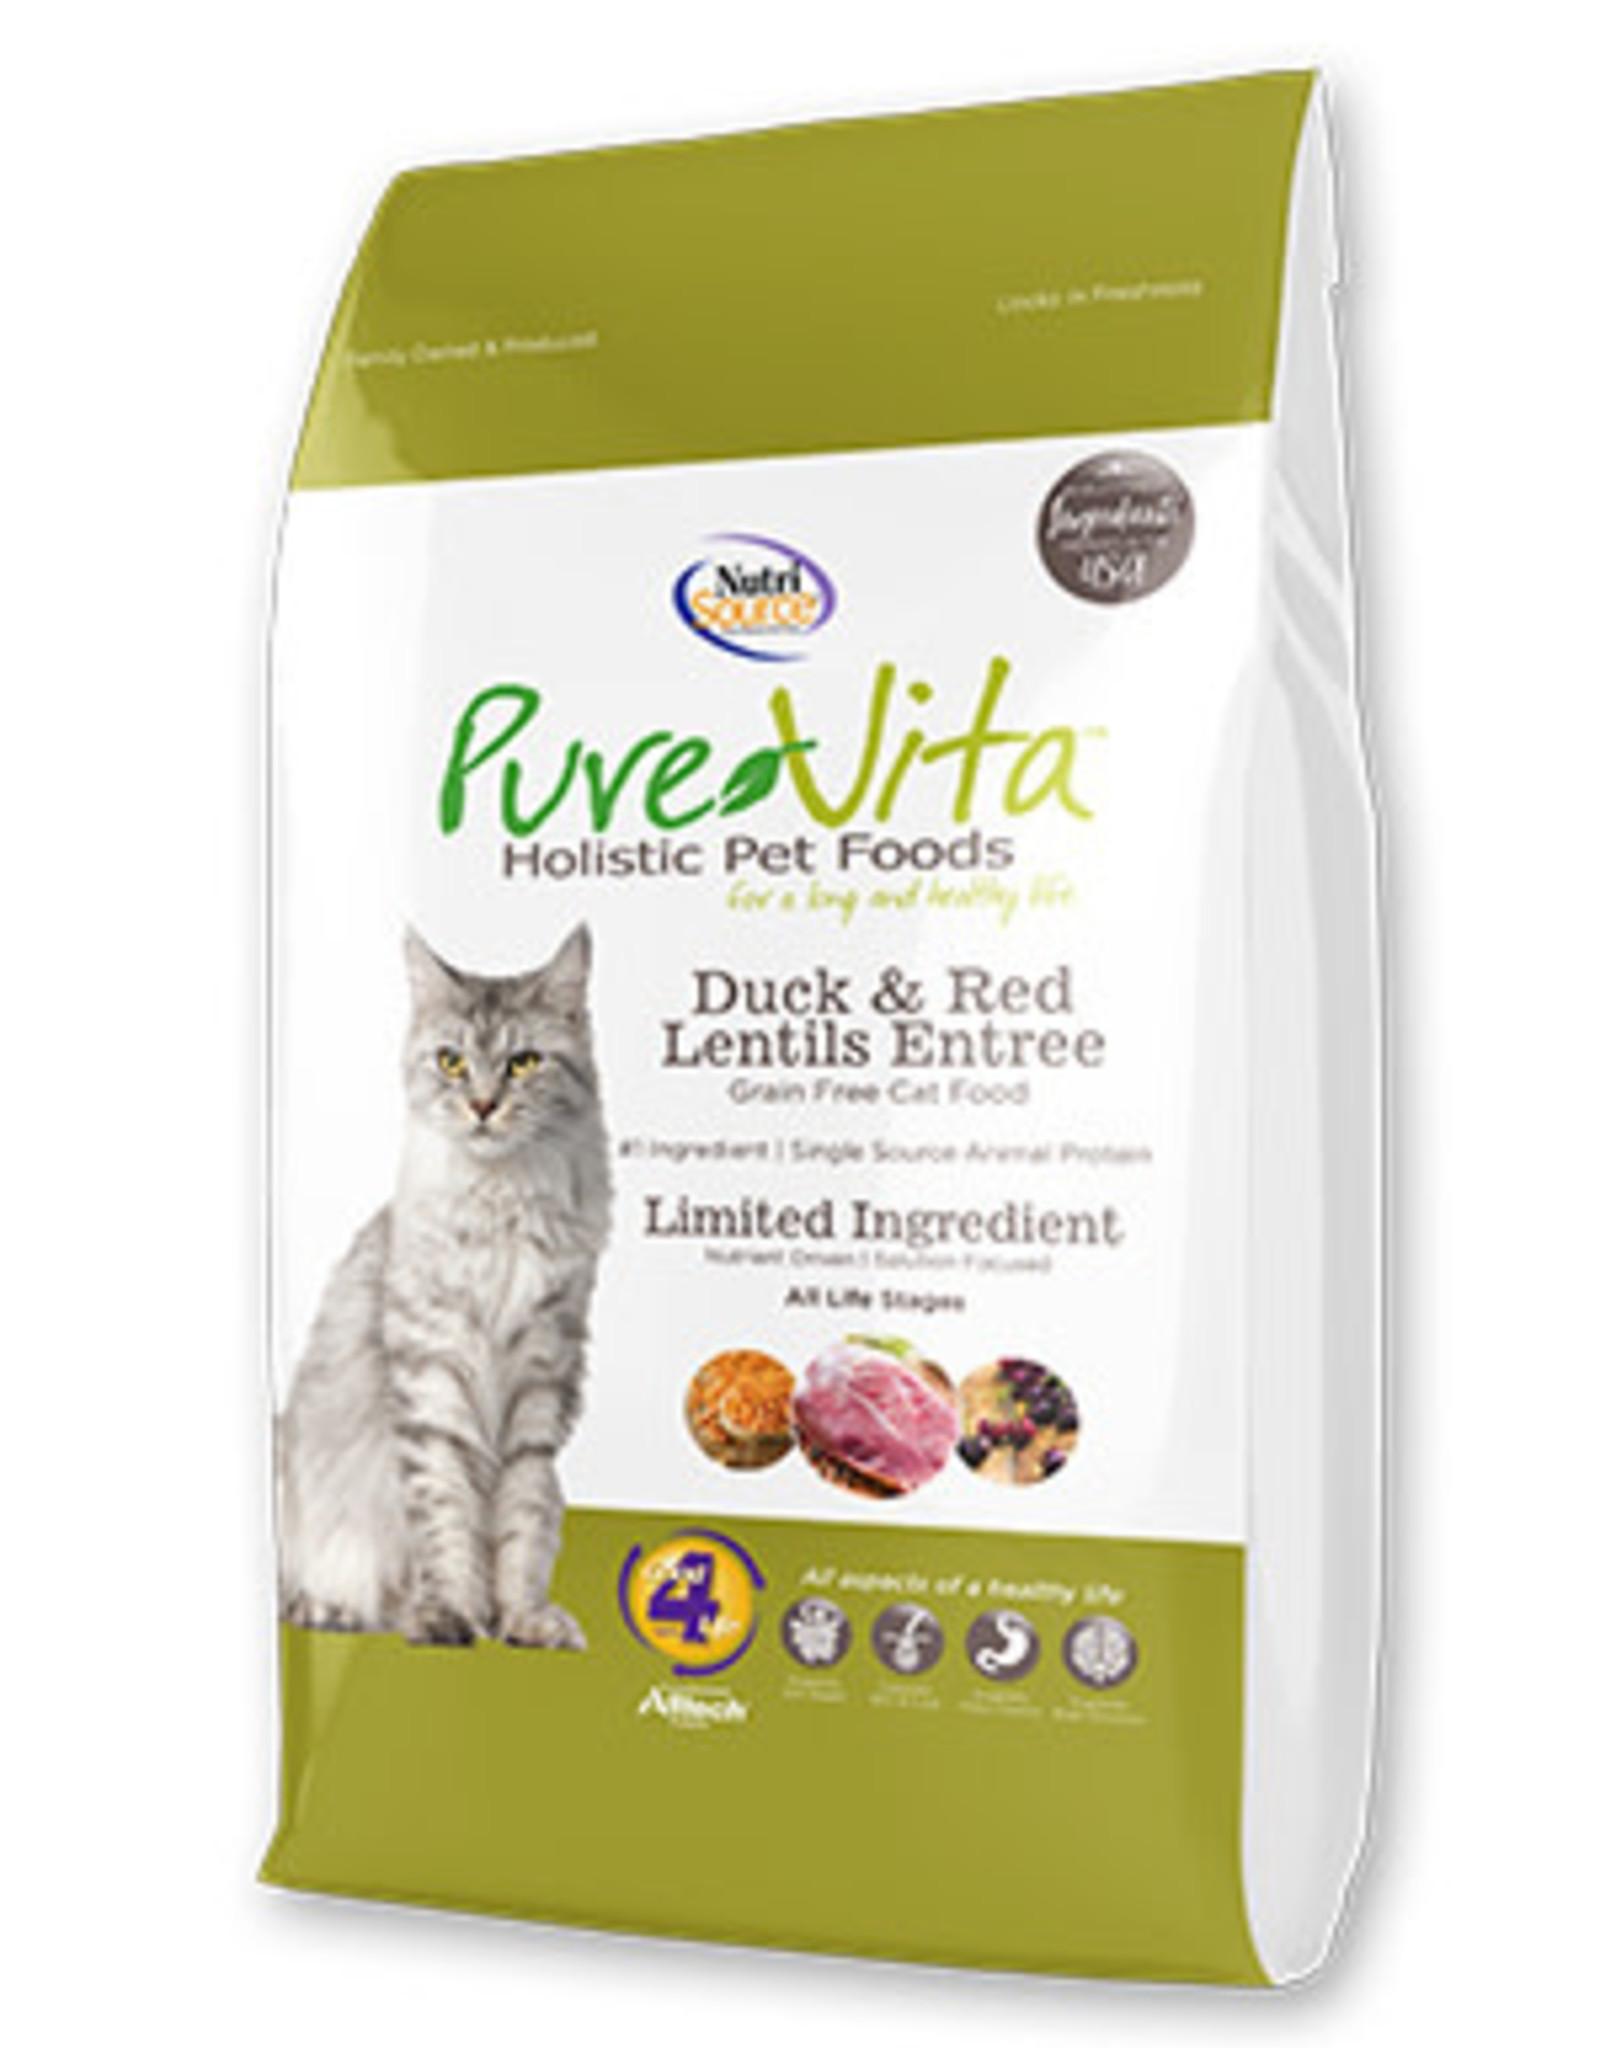 Pure Vita Pure Vita Cat Dry GF Duck & Red Lentil